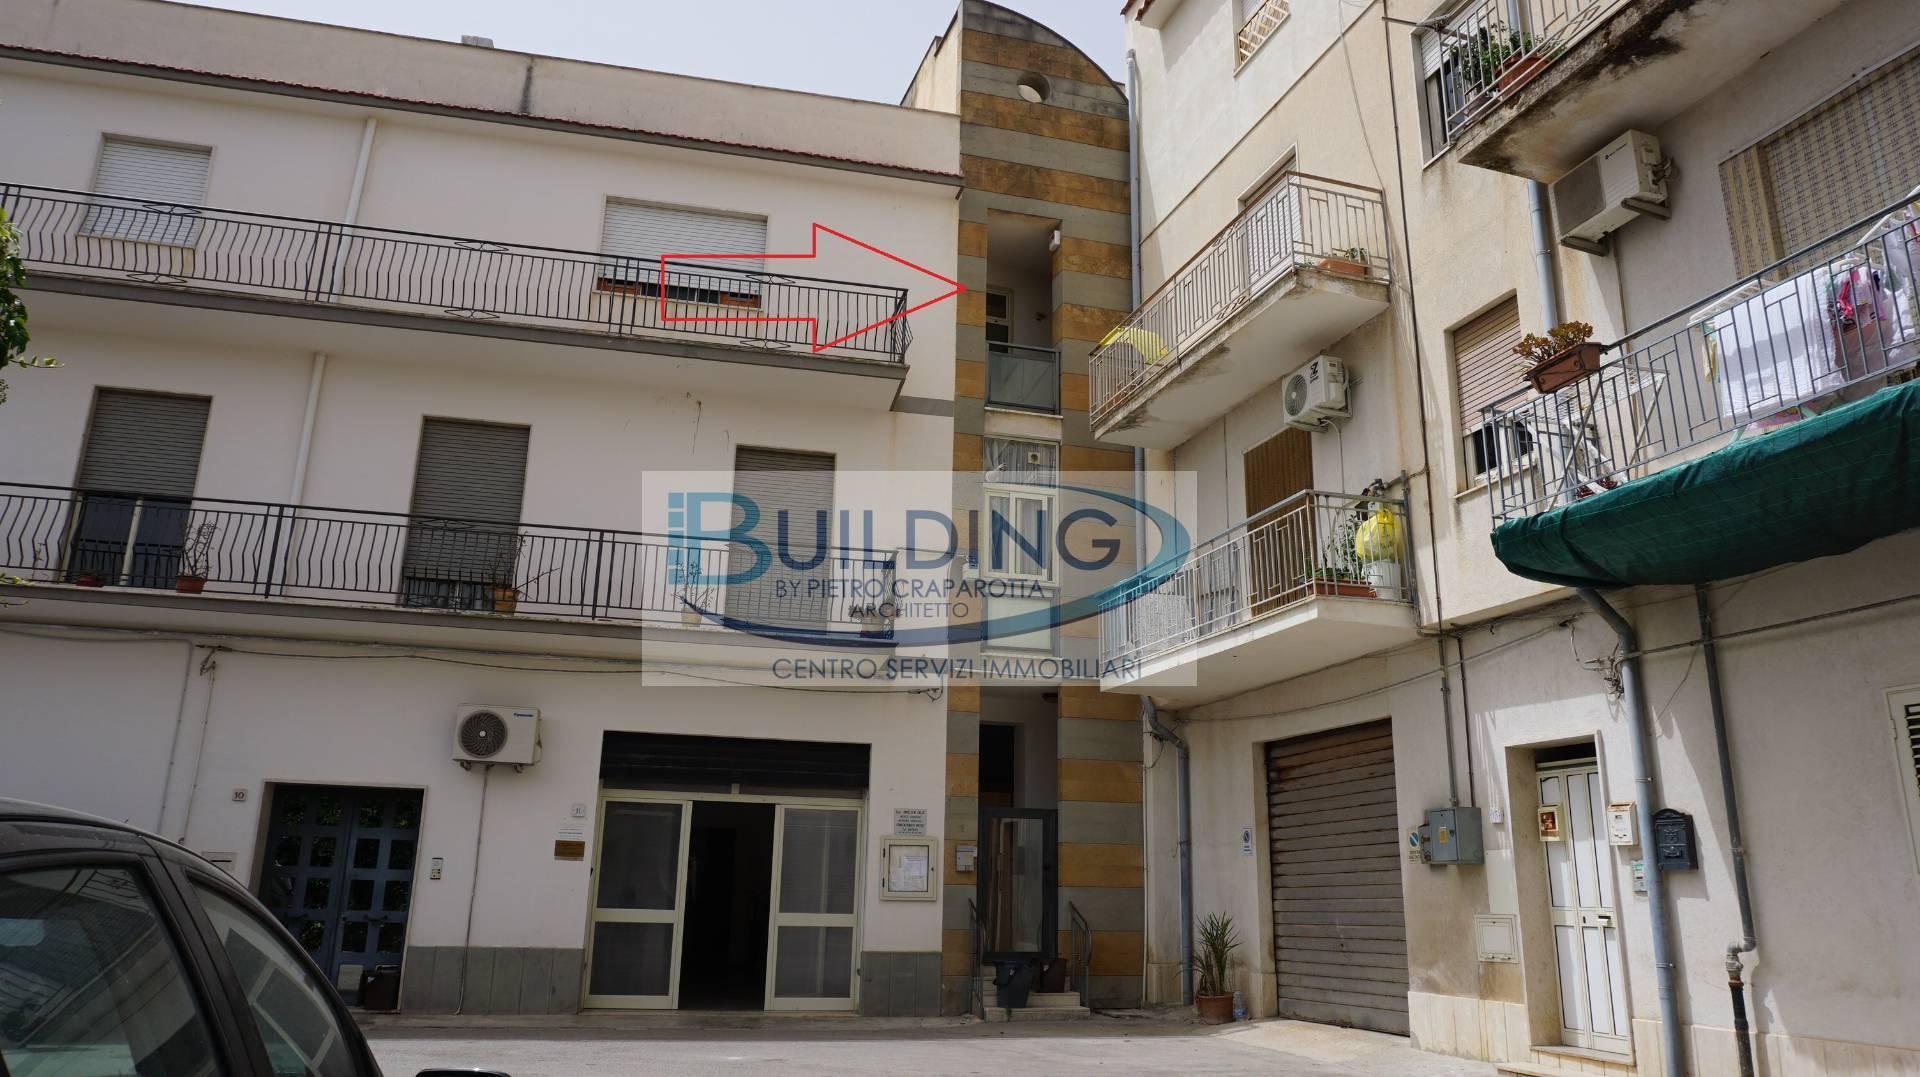 Appartamento in vendita a Castelvetrano, 5 locali, zona Località: CastelvetranoCitt?, prezzo € 68.000 | PortaleAgenzieImmobiliari.it